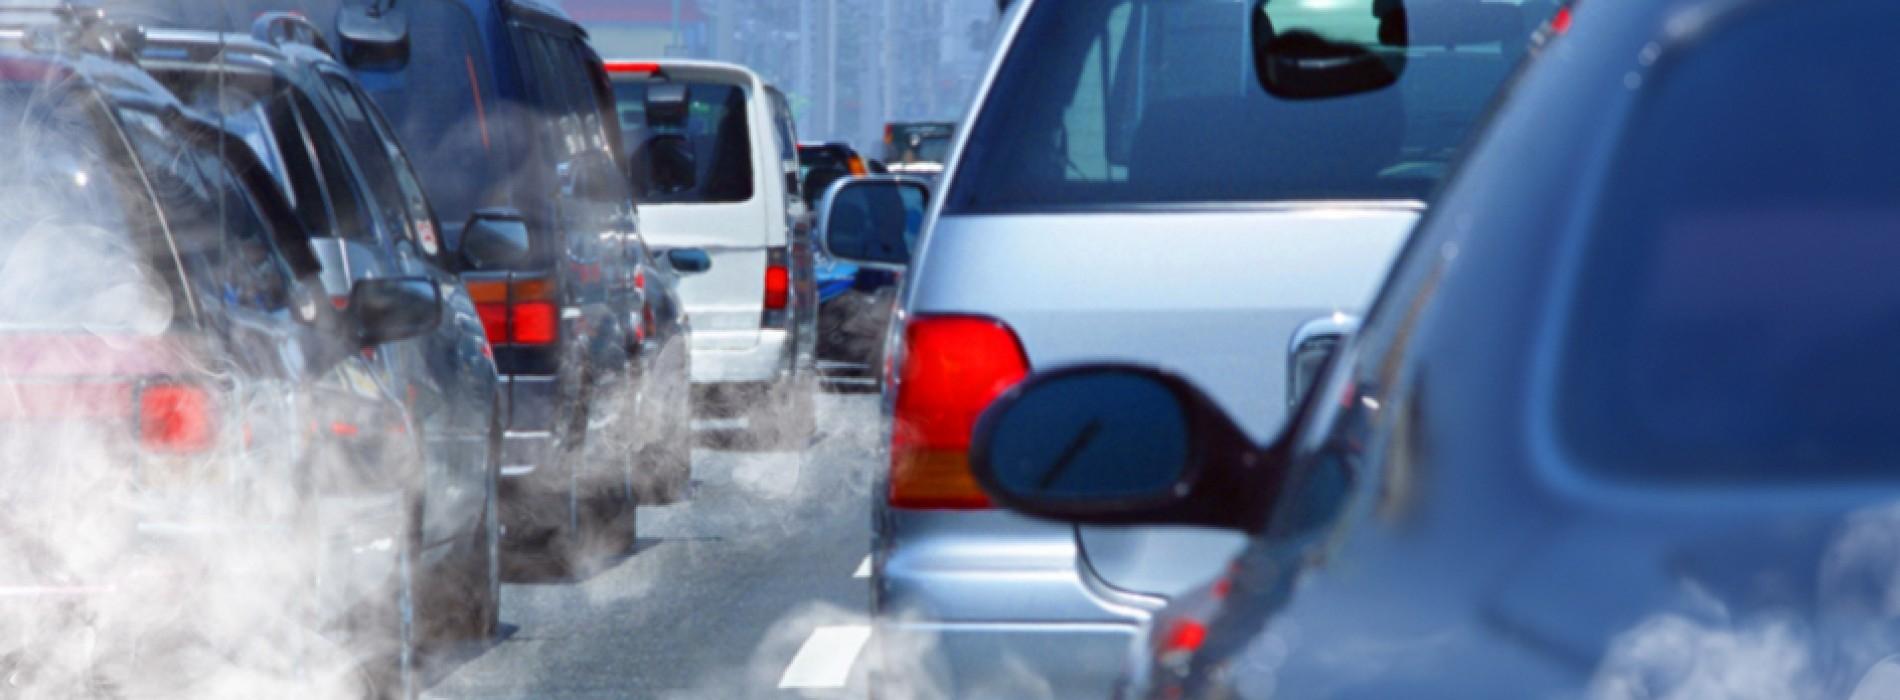 В Германии утвердили отзыв 12 миллионов дизельных автомобилей 1